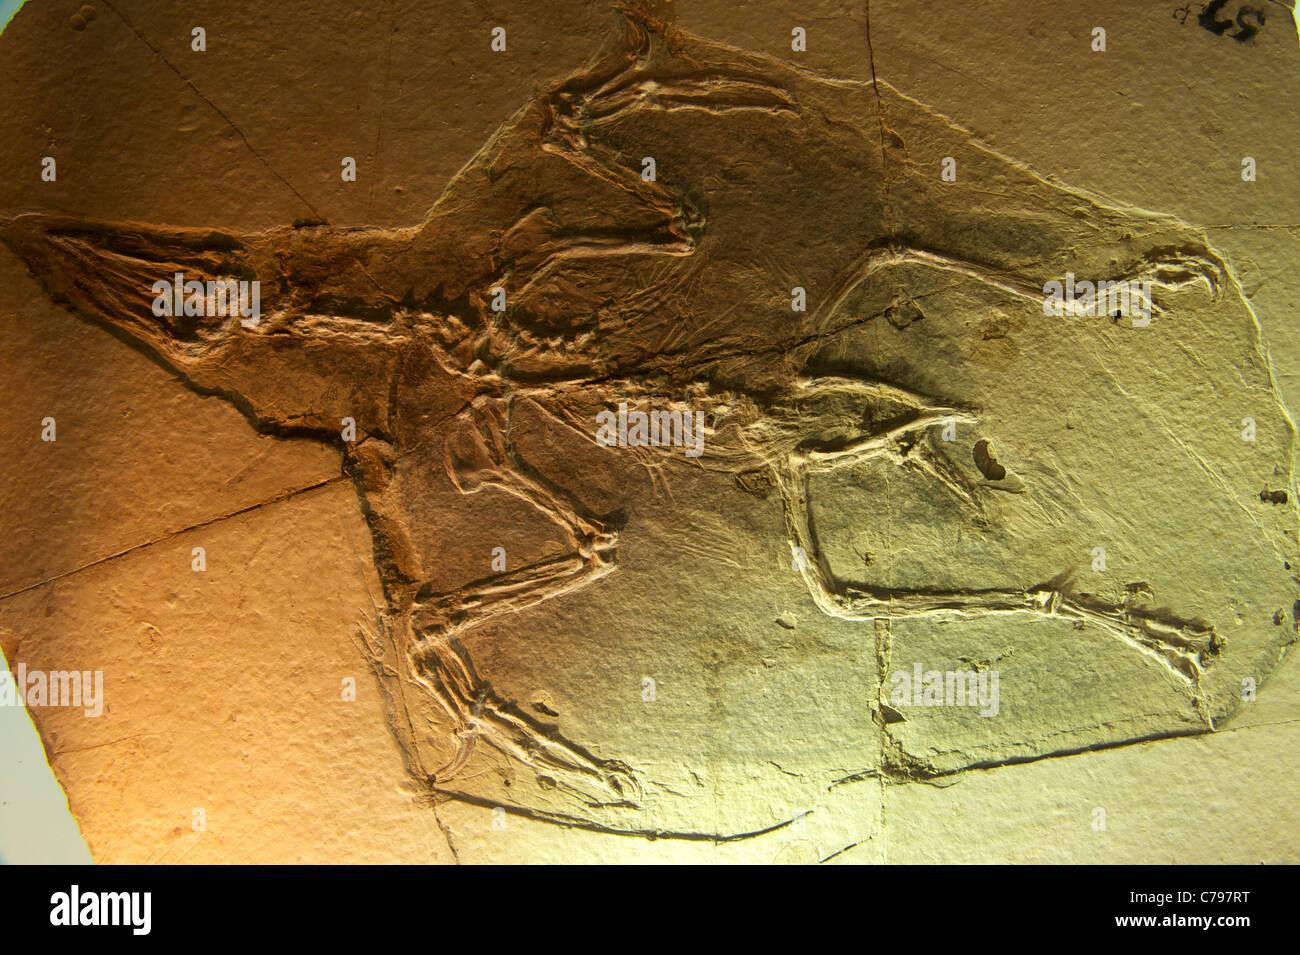 Combustibles - Confuciusornis sanctus Hou et al. en el Museo Geológico de China. 2011 Foto de stock